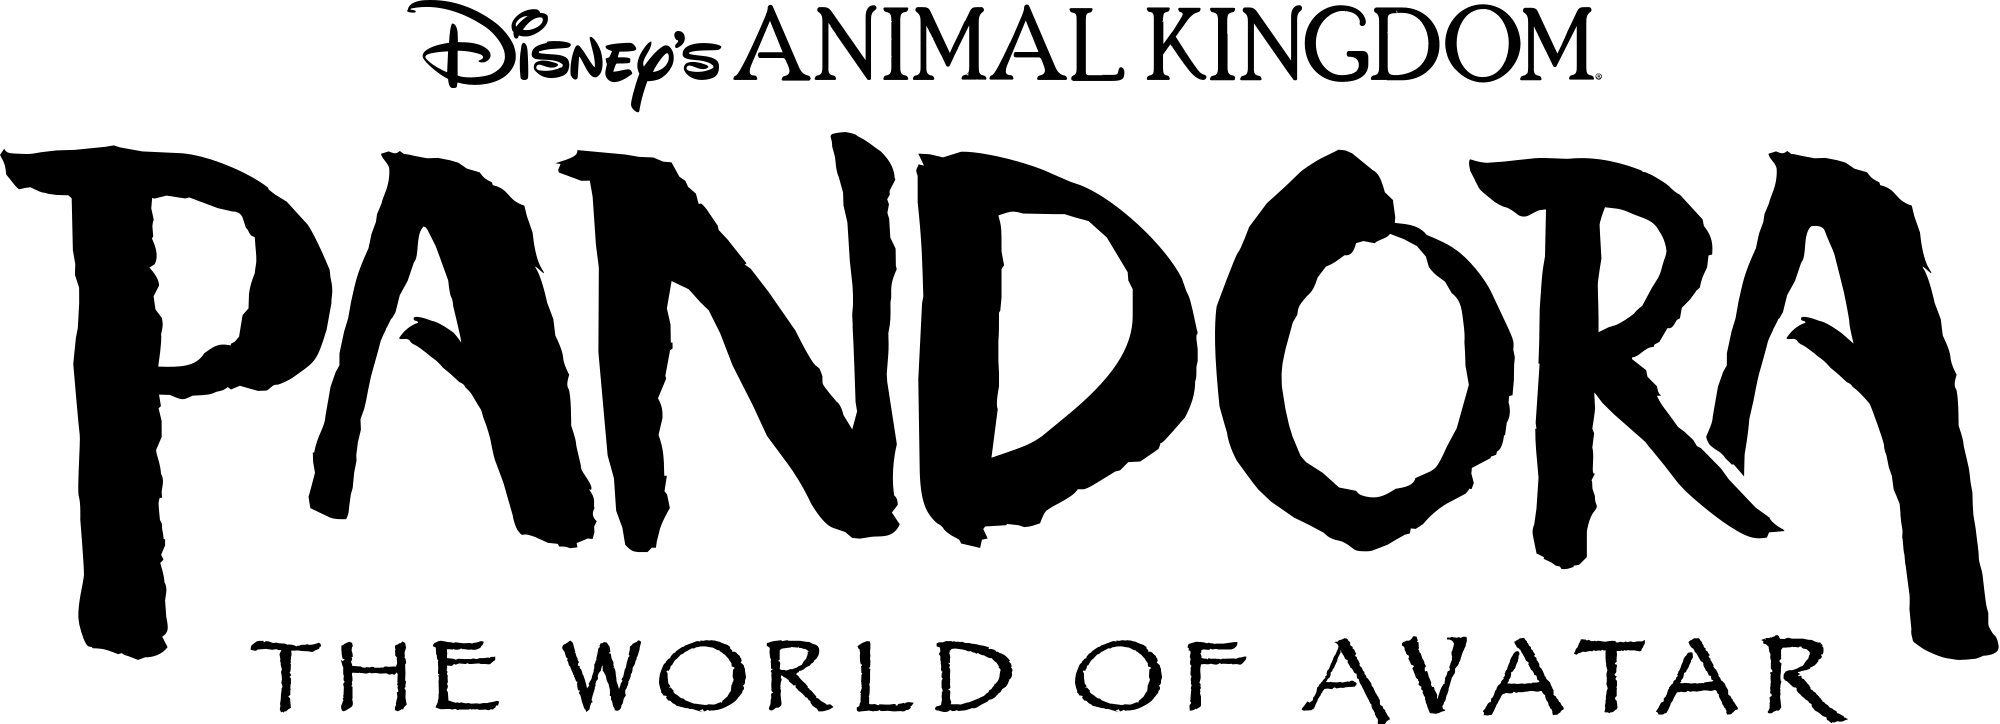 Pandora PNG - 39708